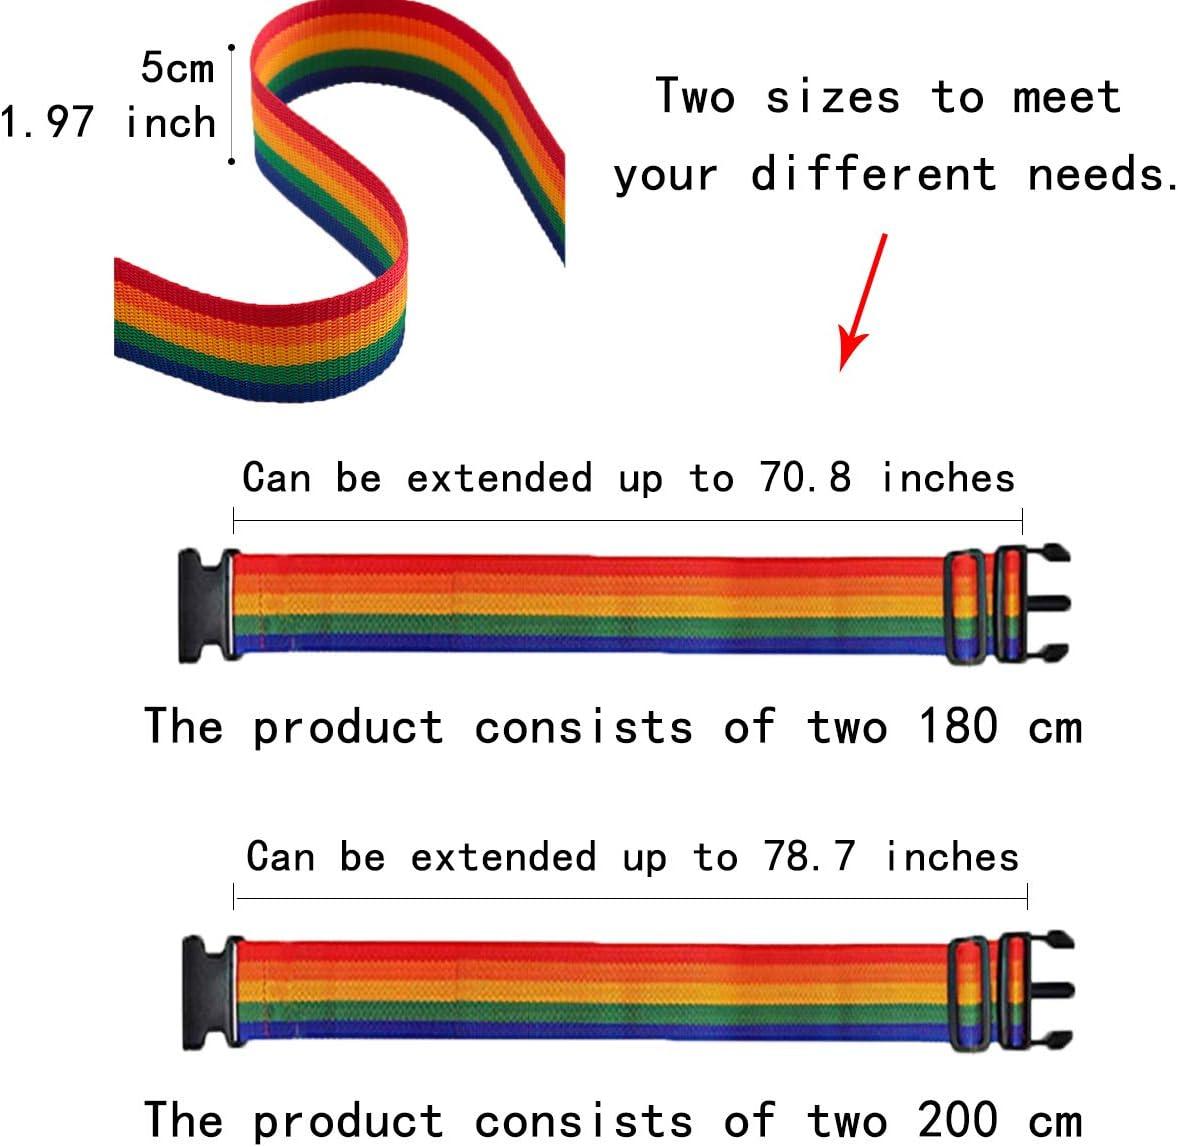 cinturones de seguridad para equipaje Correa de equipaje para maleta 4 x correas de equipaje arcoiris correa de embalaje de viaje ajustable BOJLY